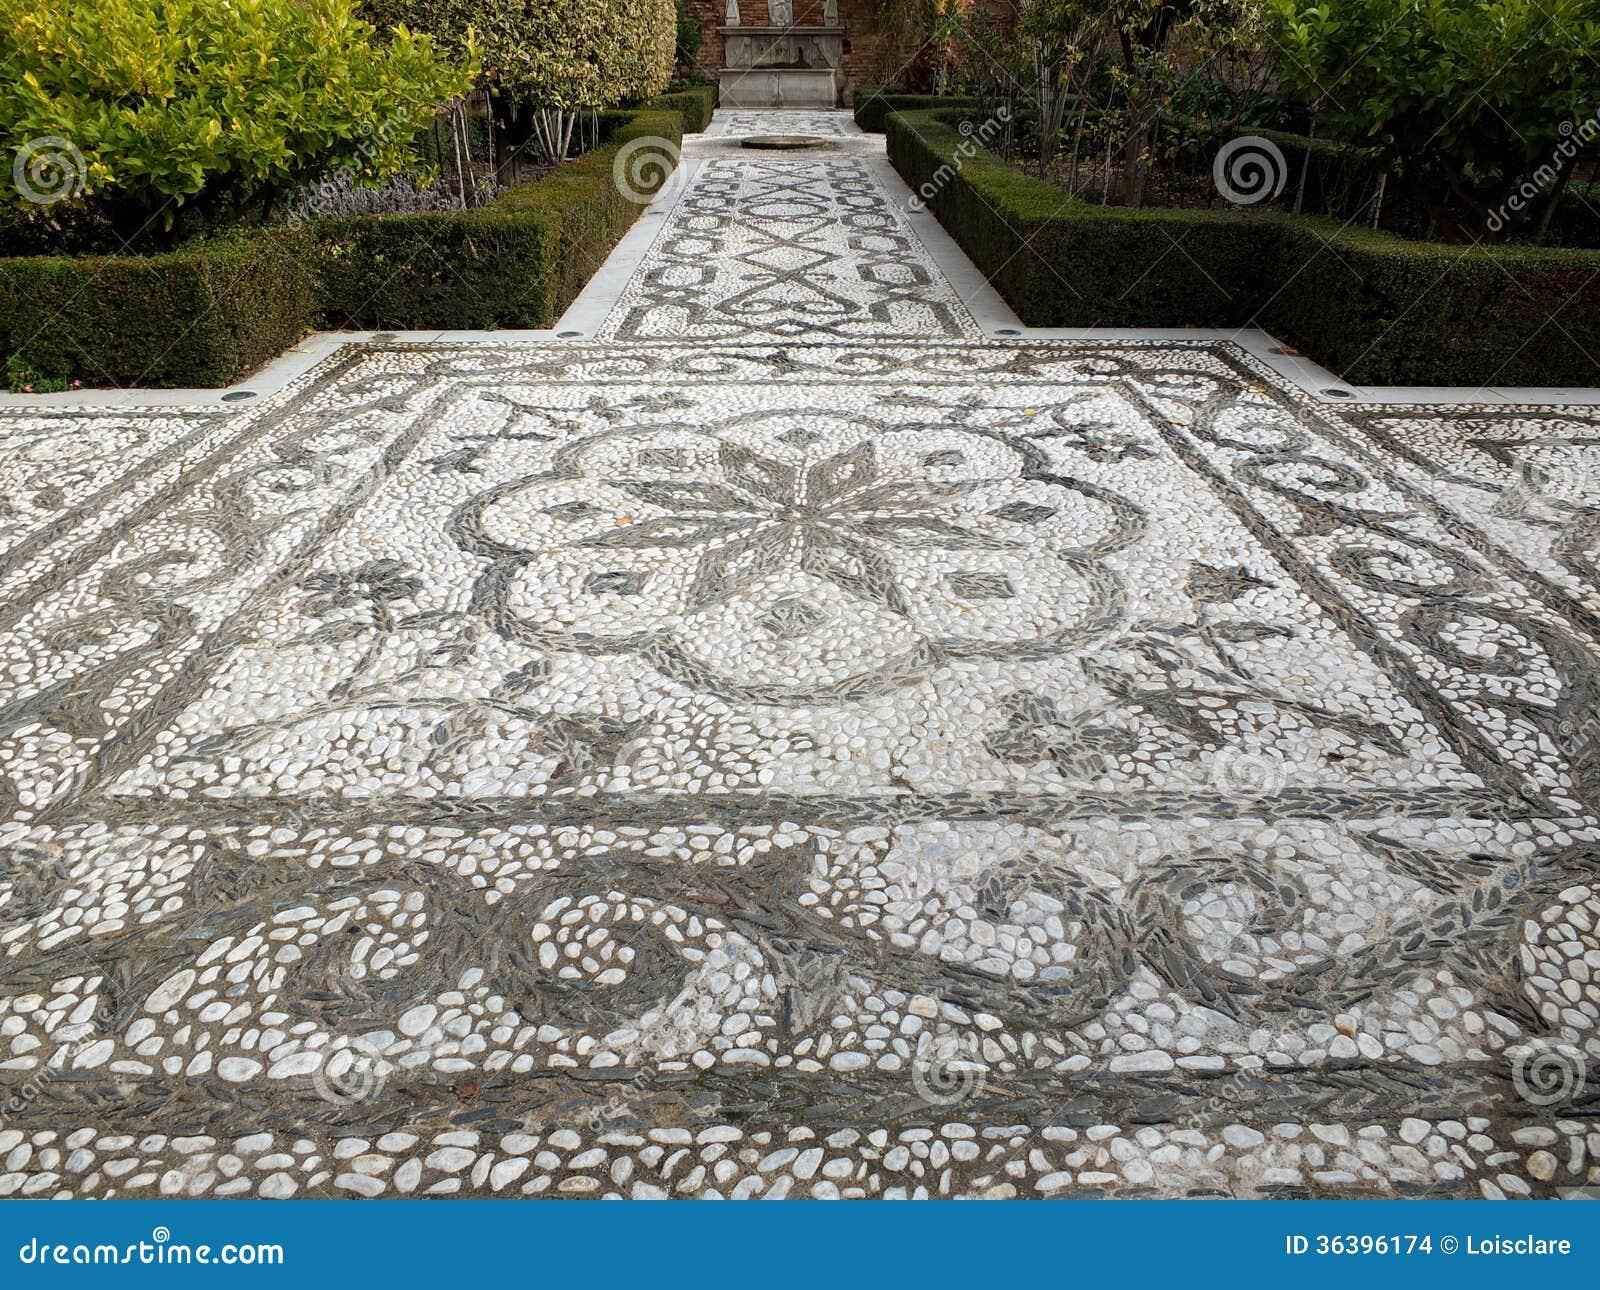 Mosaik garten weg stockbilder bild 36396174 - Garten mosaik ...